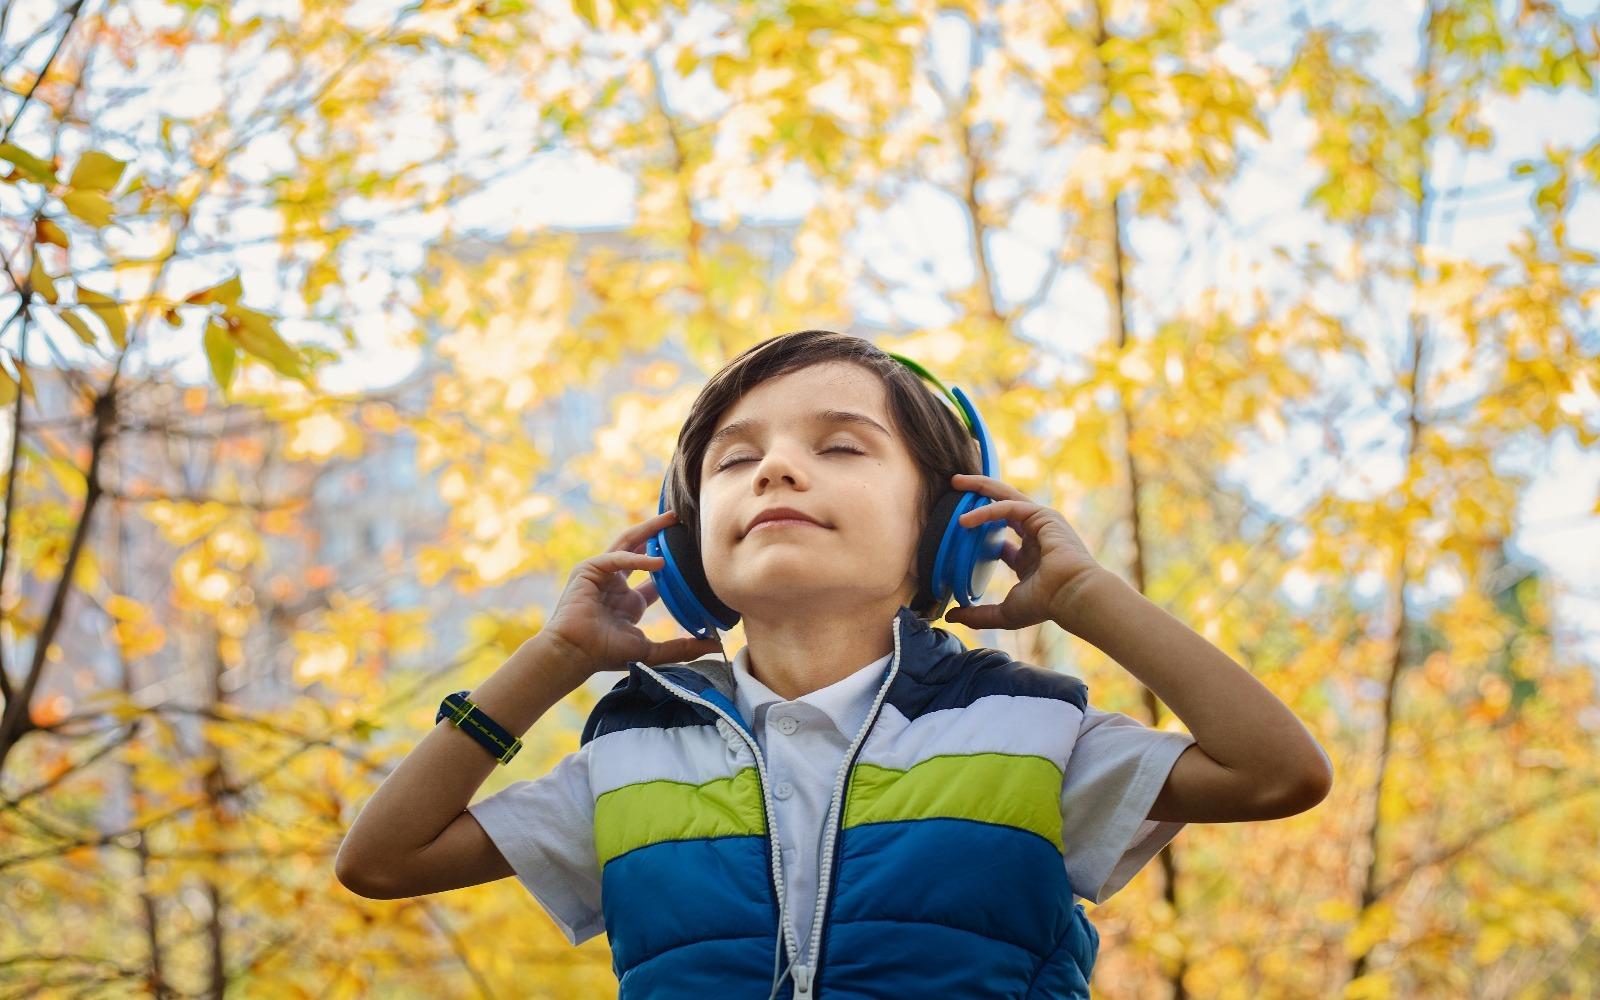 Chlapec poslouchá hudbu